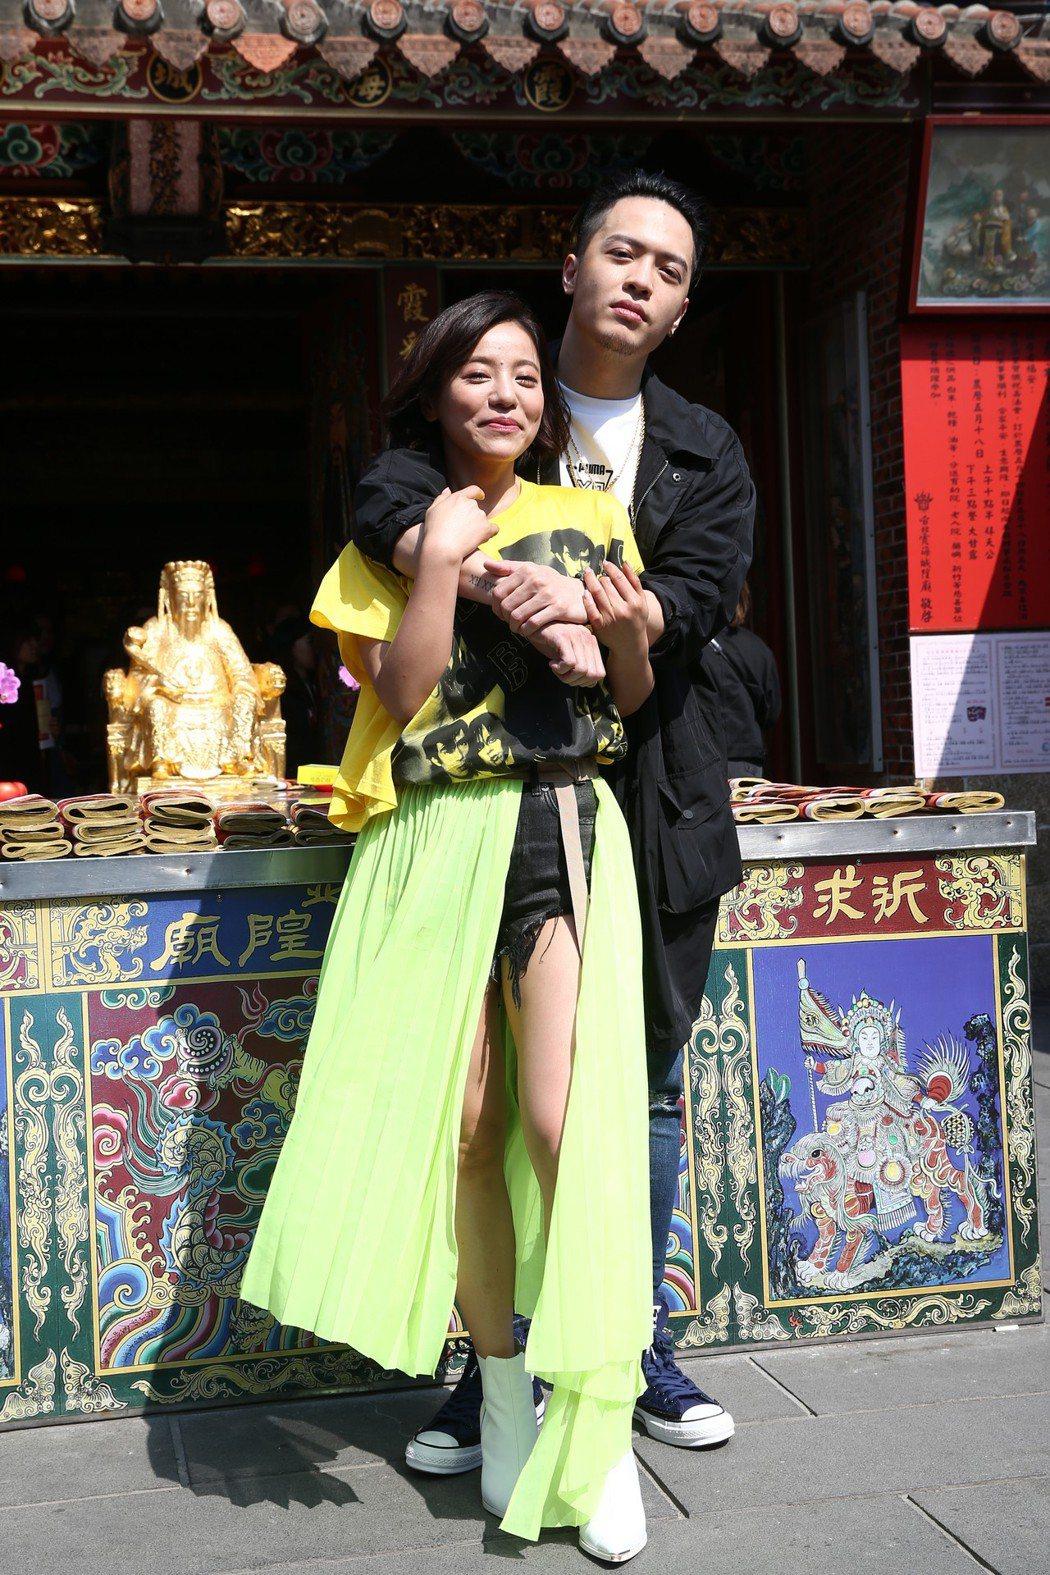 丁噹(左)穿短褲秀美腿帶領「脫單小隊」(想脫離單身的女生)拜迪化街霞海城隍廟的月...